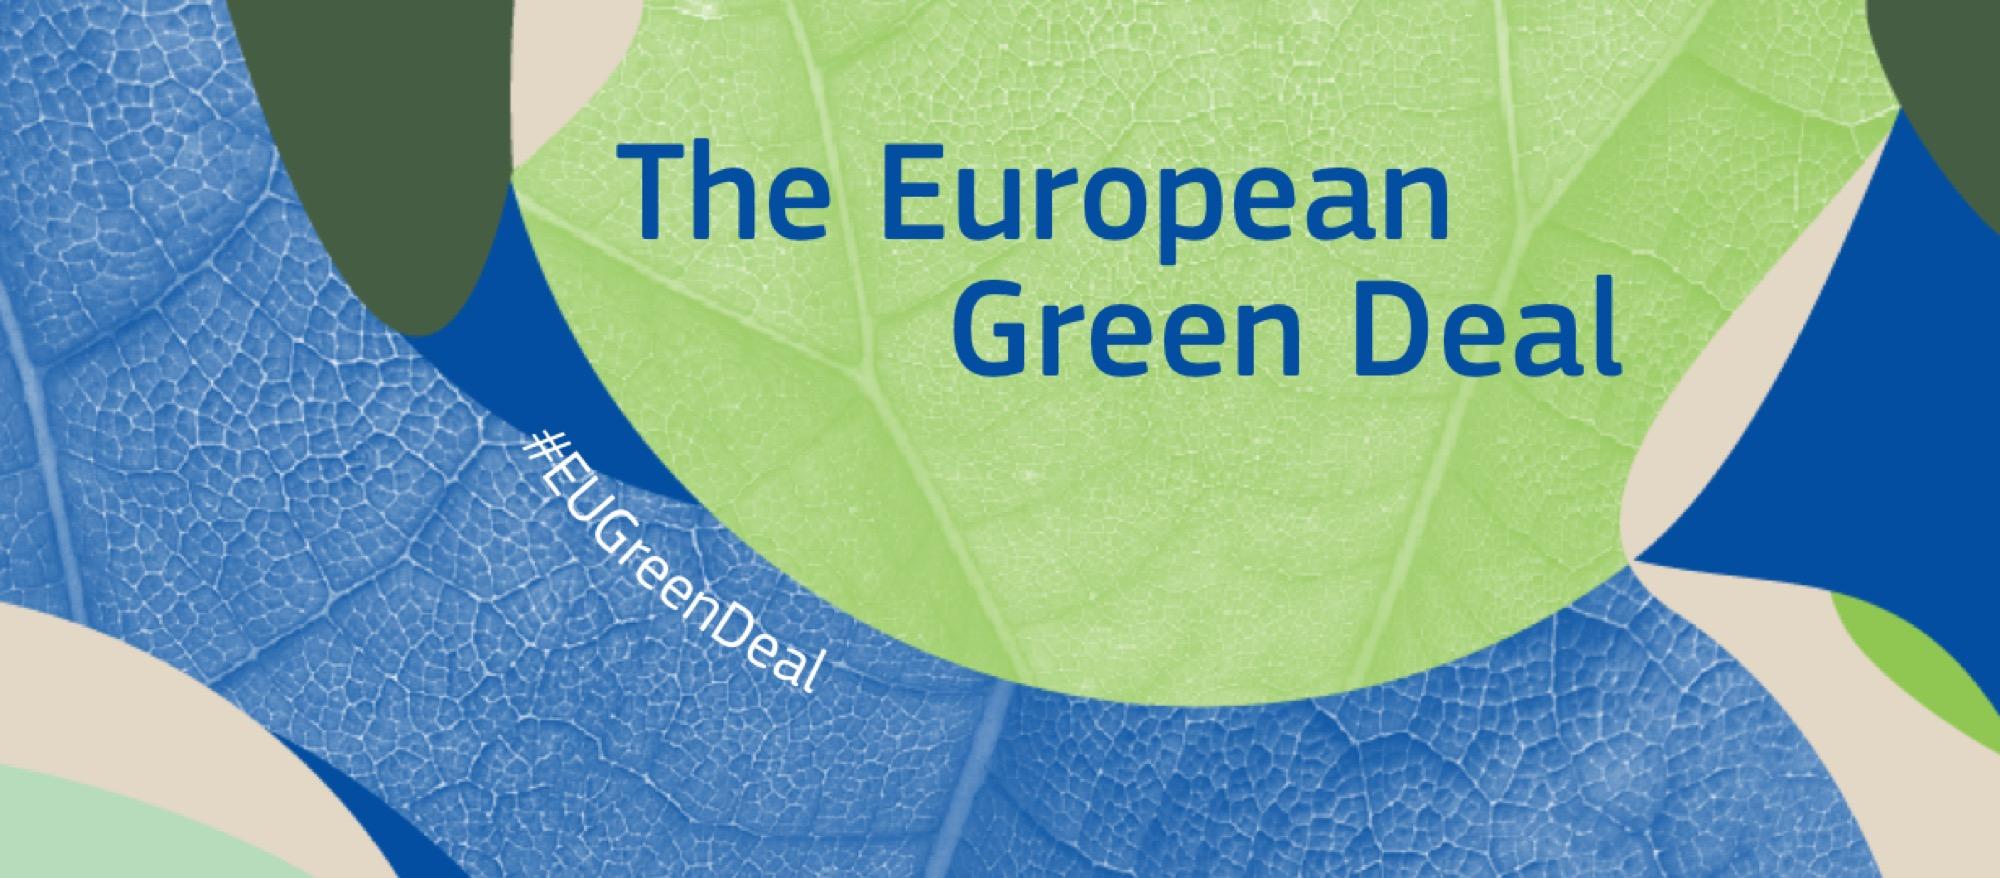 Objavljen Javni poziv za Europski zeleni sporazum – milijardu eura za istraživačke i inovacijske projekte